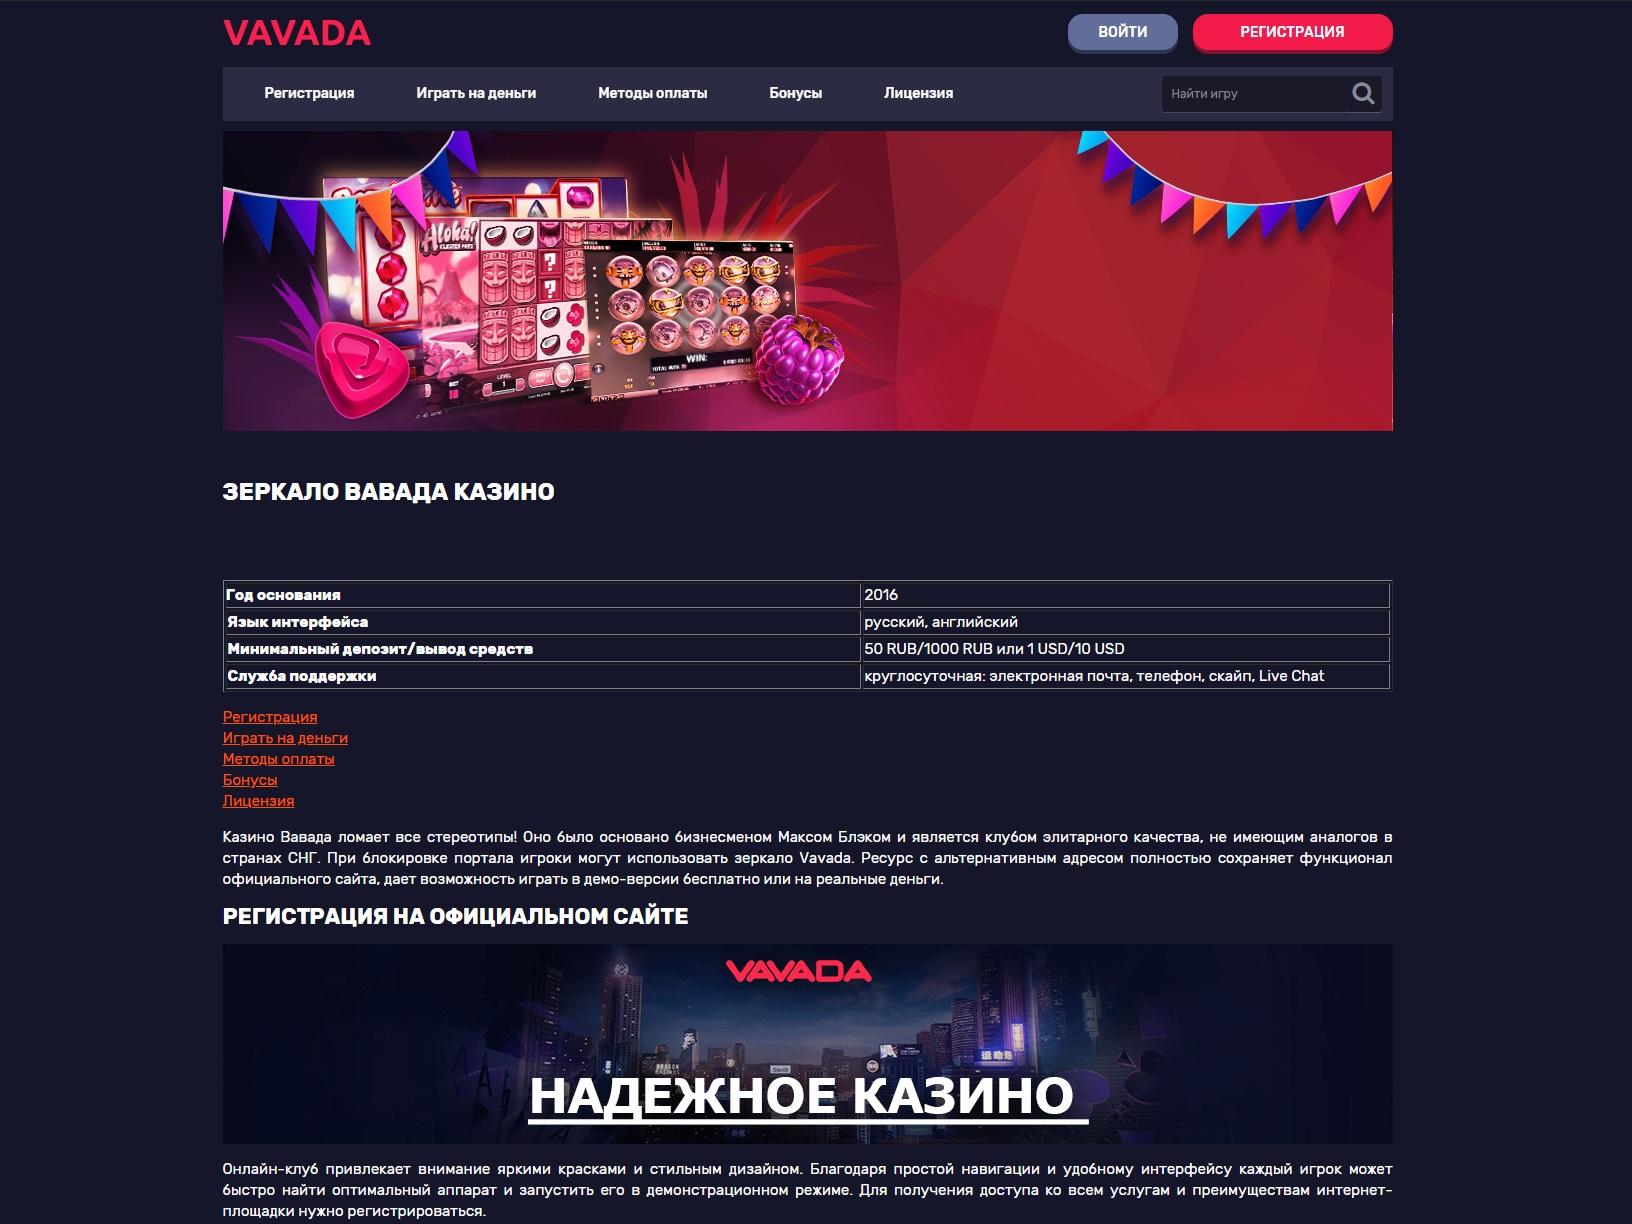 Как создать аккаунт в казино-онлайн Vavada, для того чтобы играть в азартные автоматы